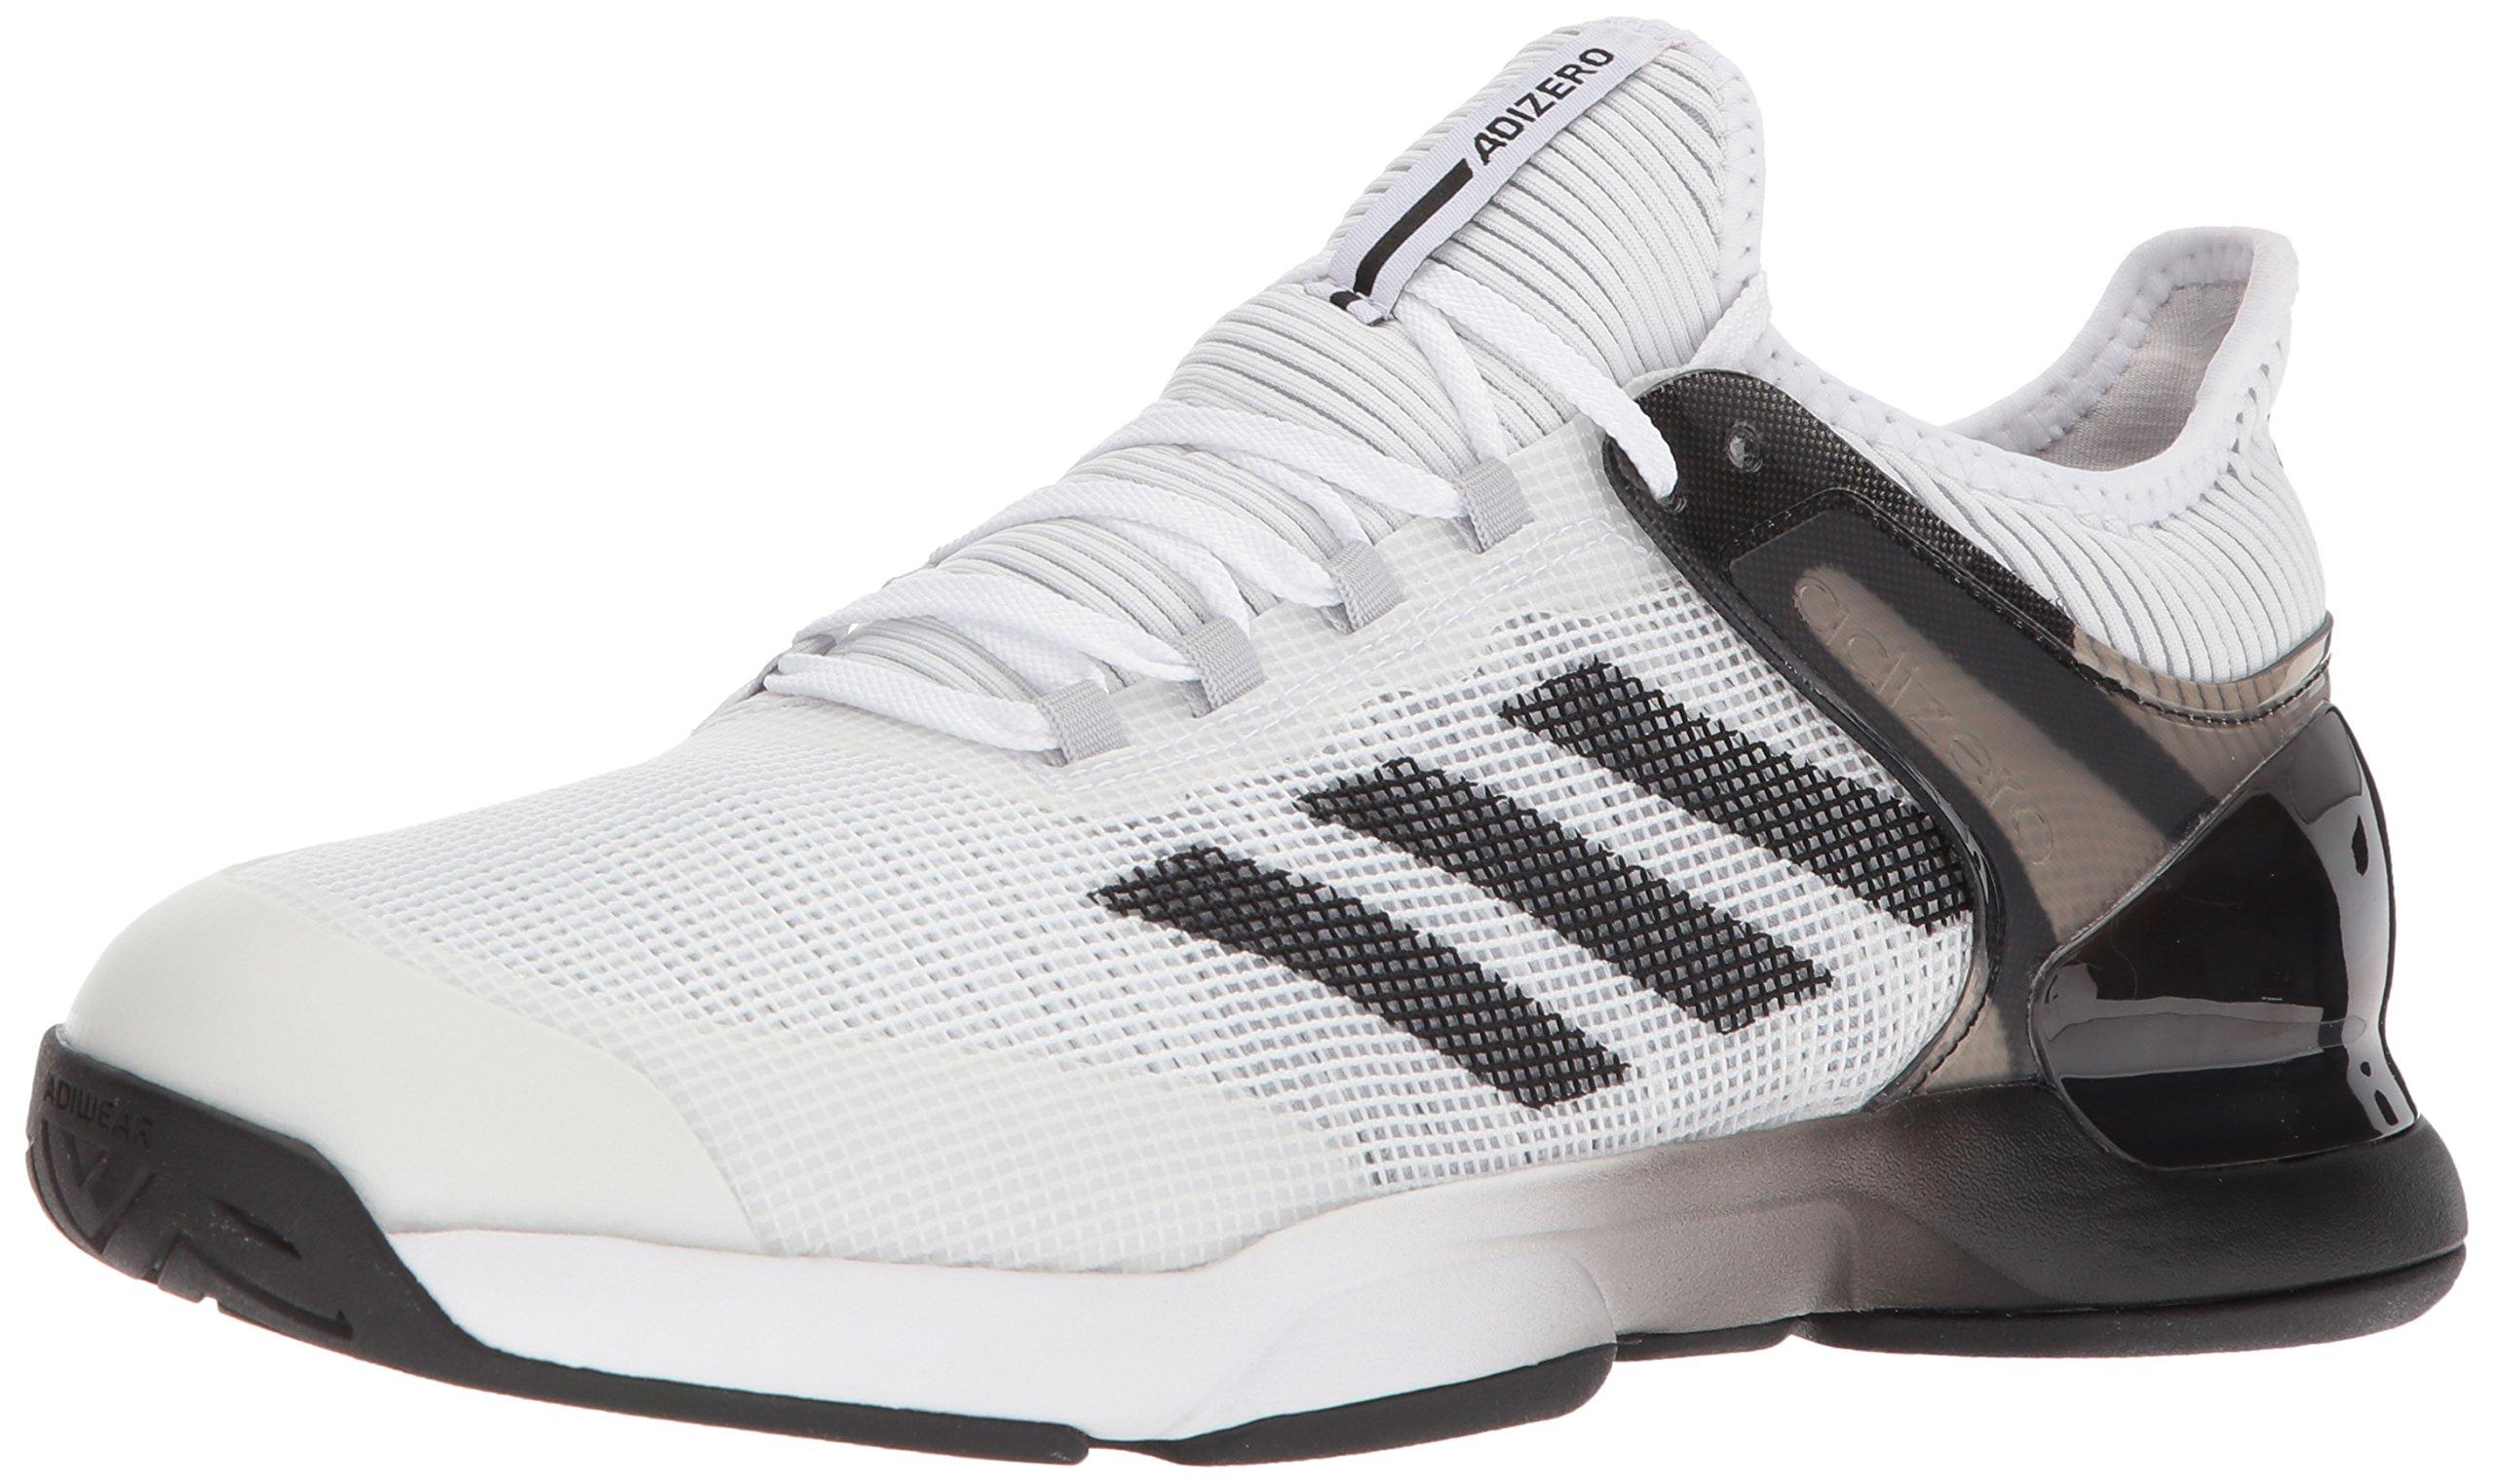 adidas Performance ADIZERO UBERSONIC 2 Blue Shoes Tennis